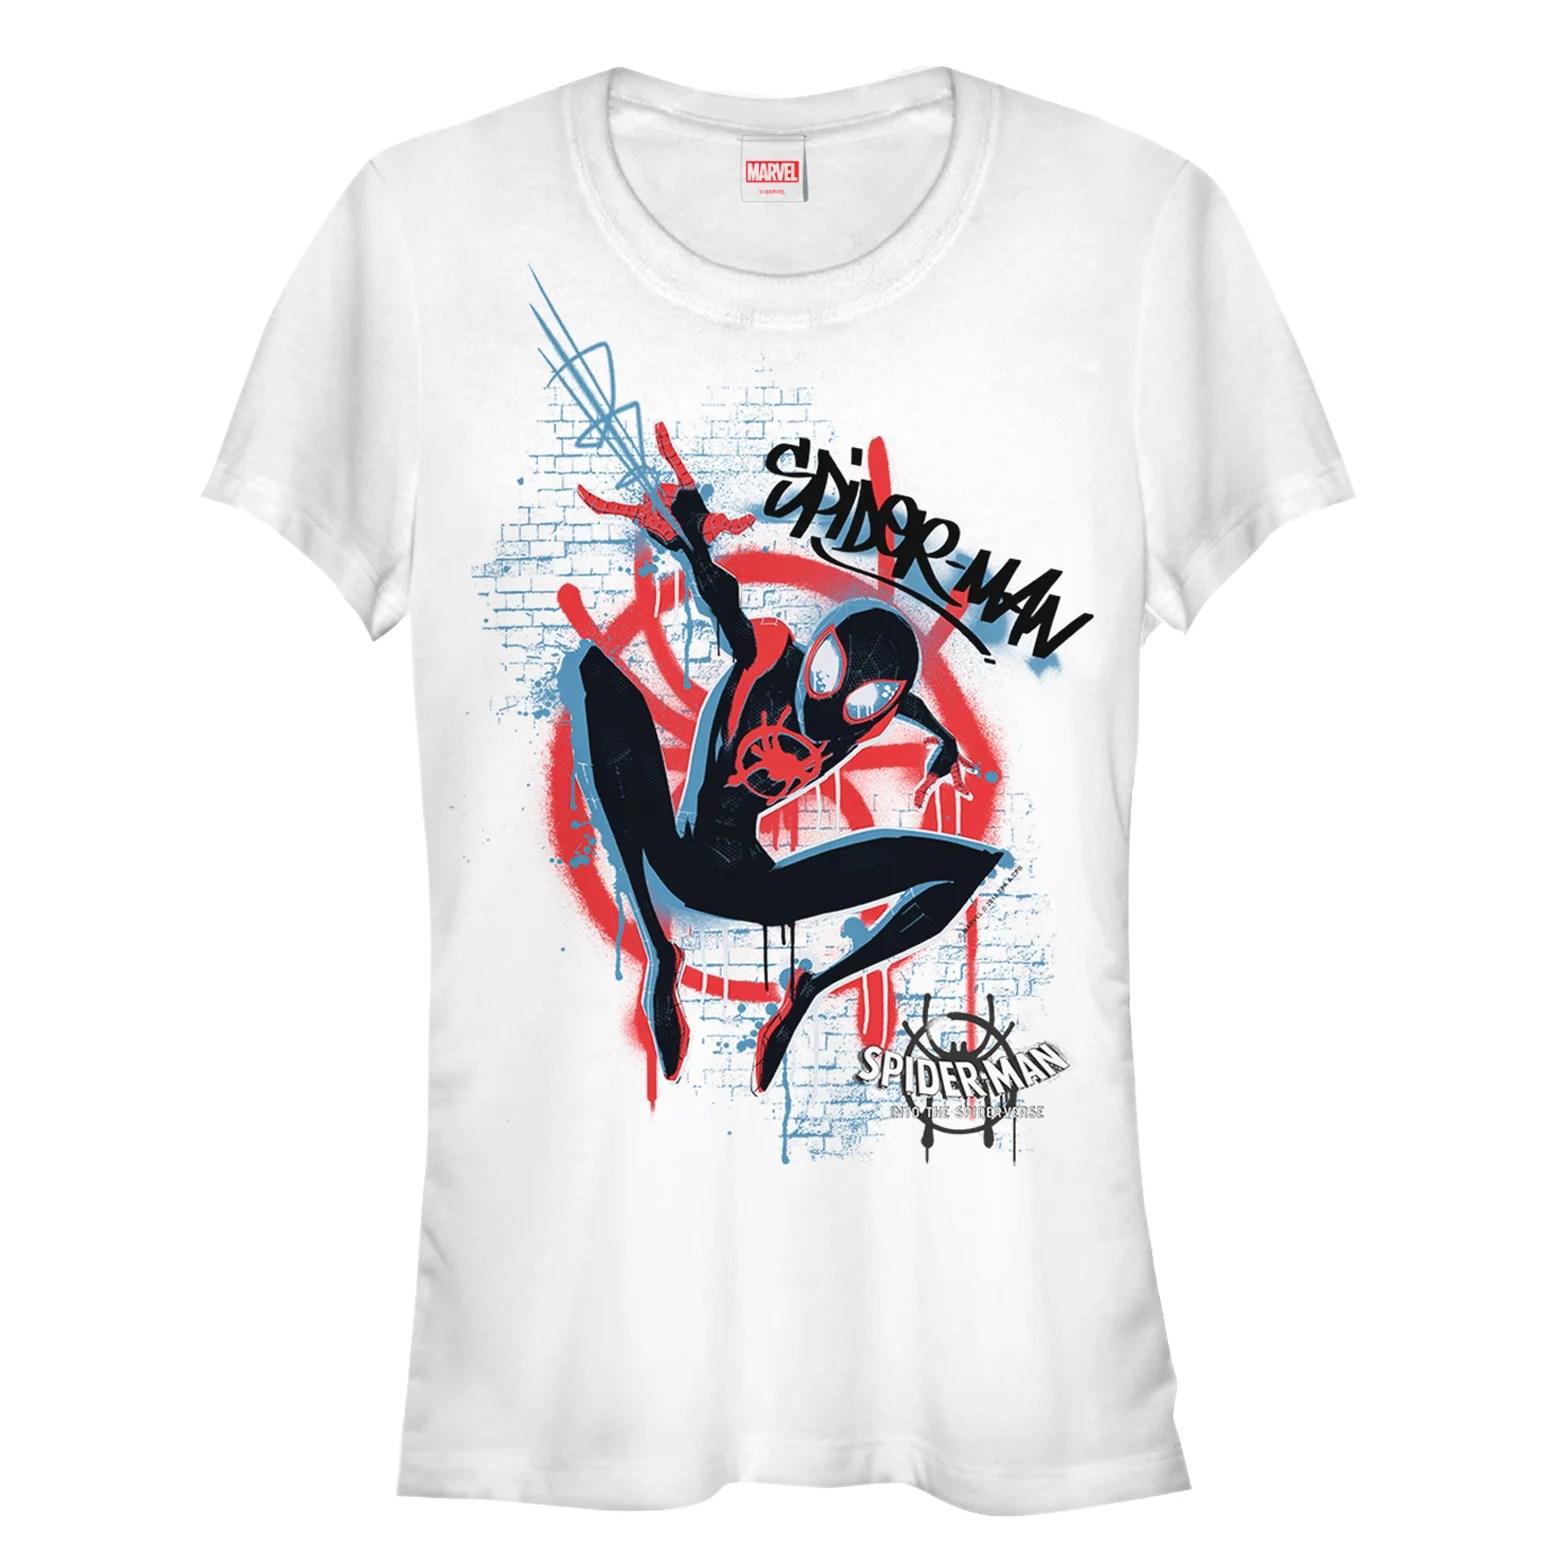 Man Spider Shirts Walmart